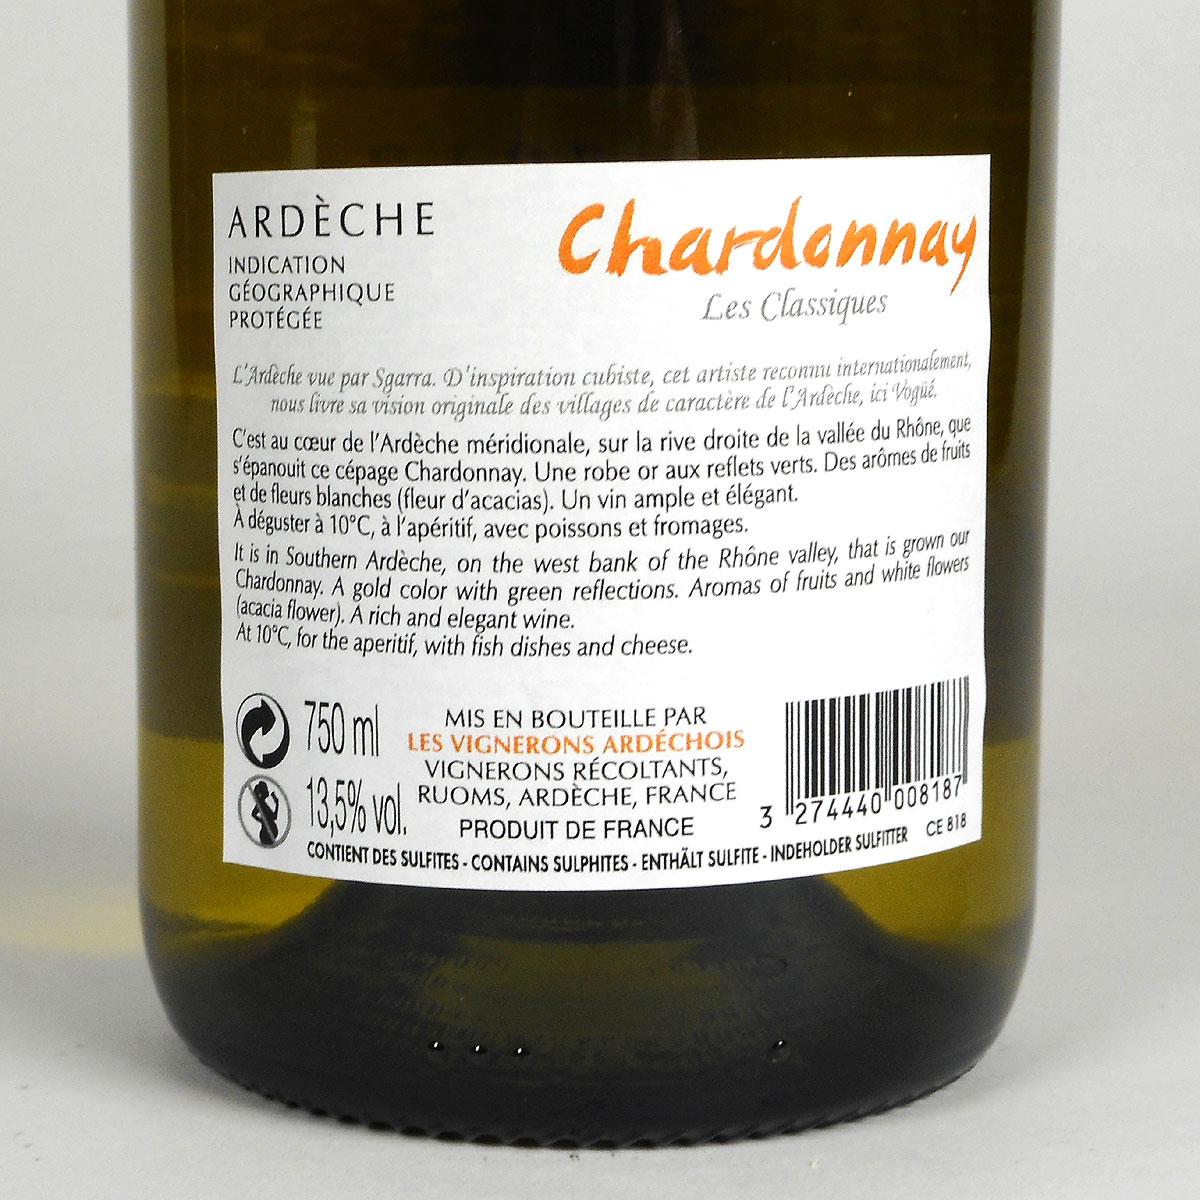 Coteaux de l'Ardèche: Cépage Chardonnay 2019 - Bottle